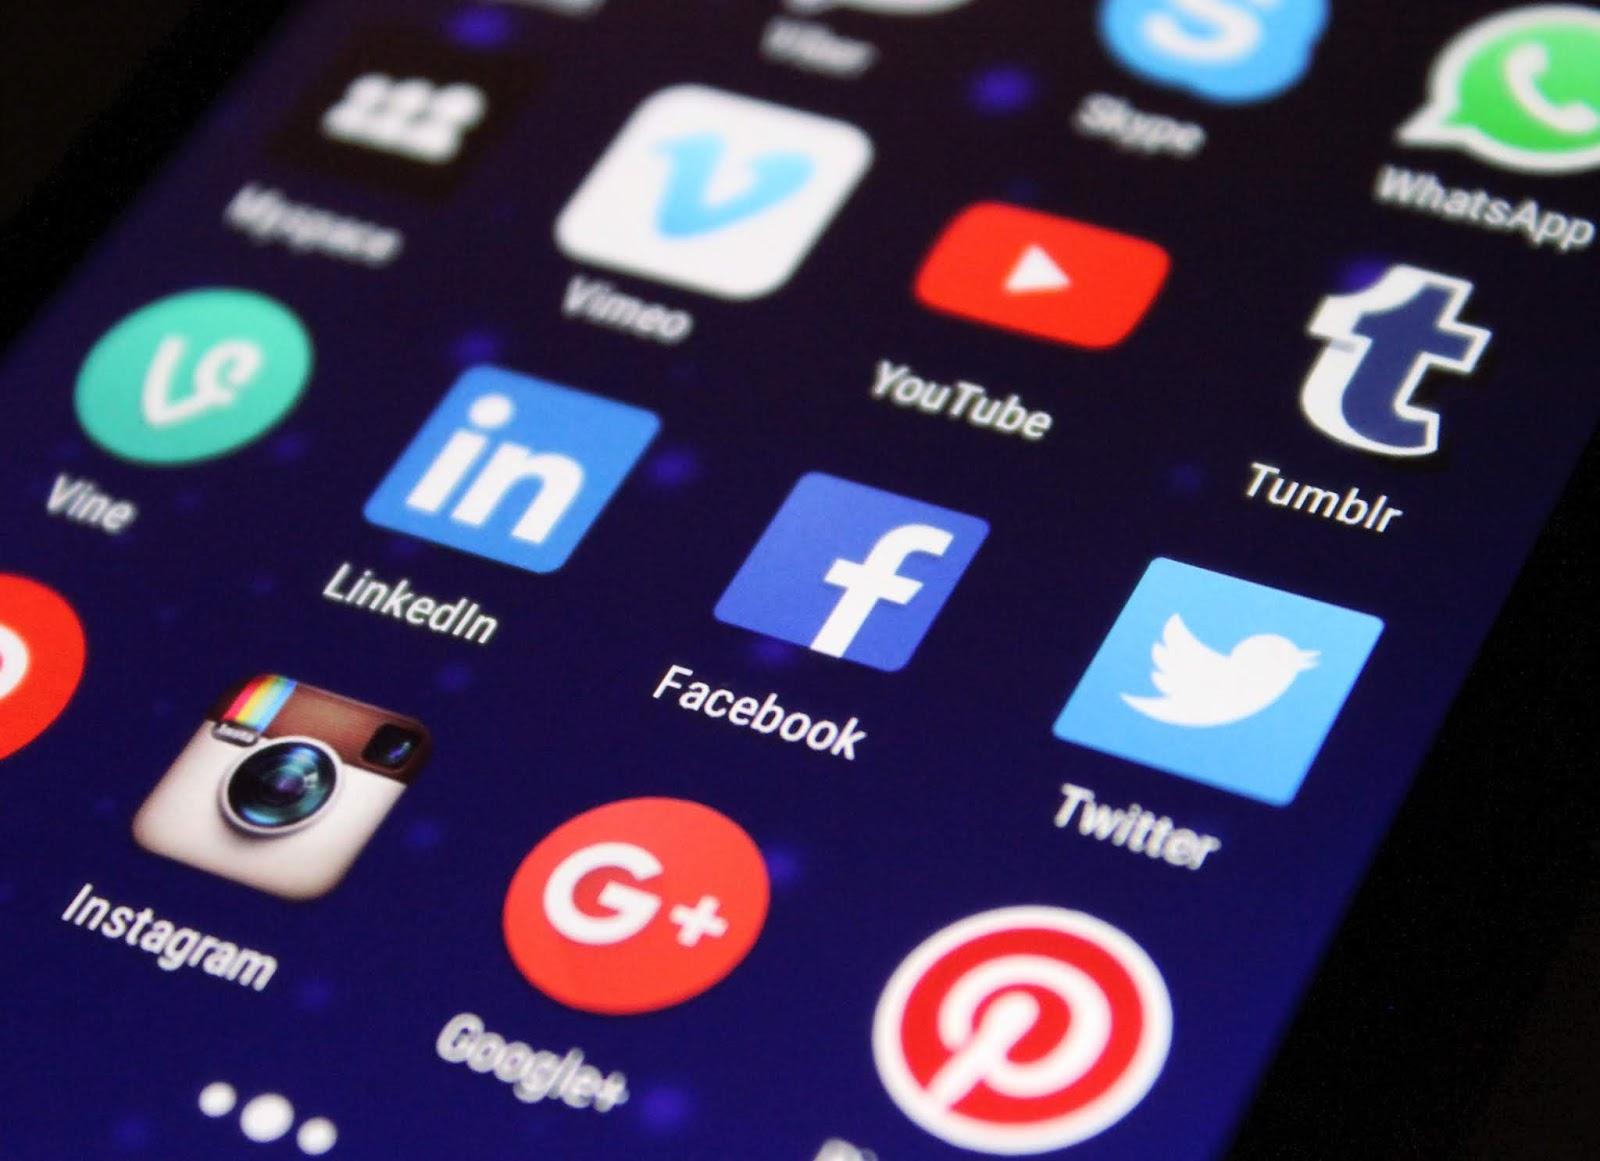 Ghar baithey paise kaise kamae | how to earn mony online at home TechyOnly99